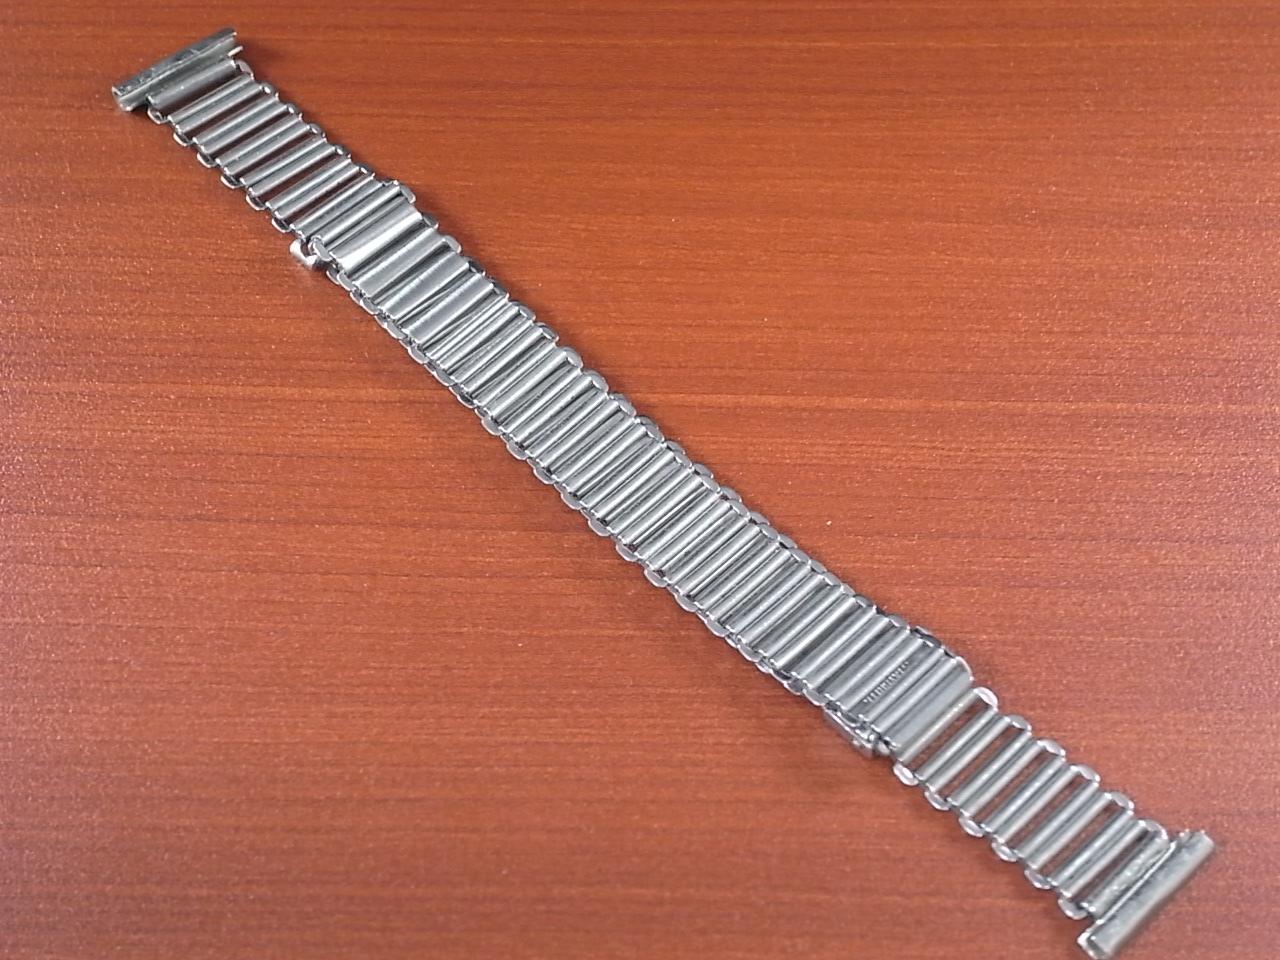 ボンクリップ バンブーブレス SS ブロック体ロゴ 13mmタイプ 16mm BONKLIPの写真4枚目